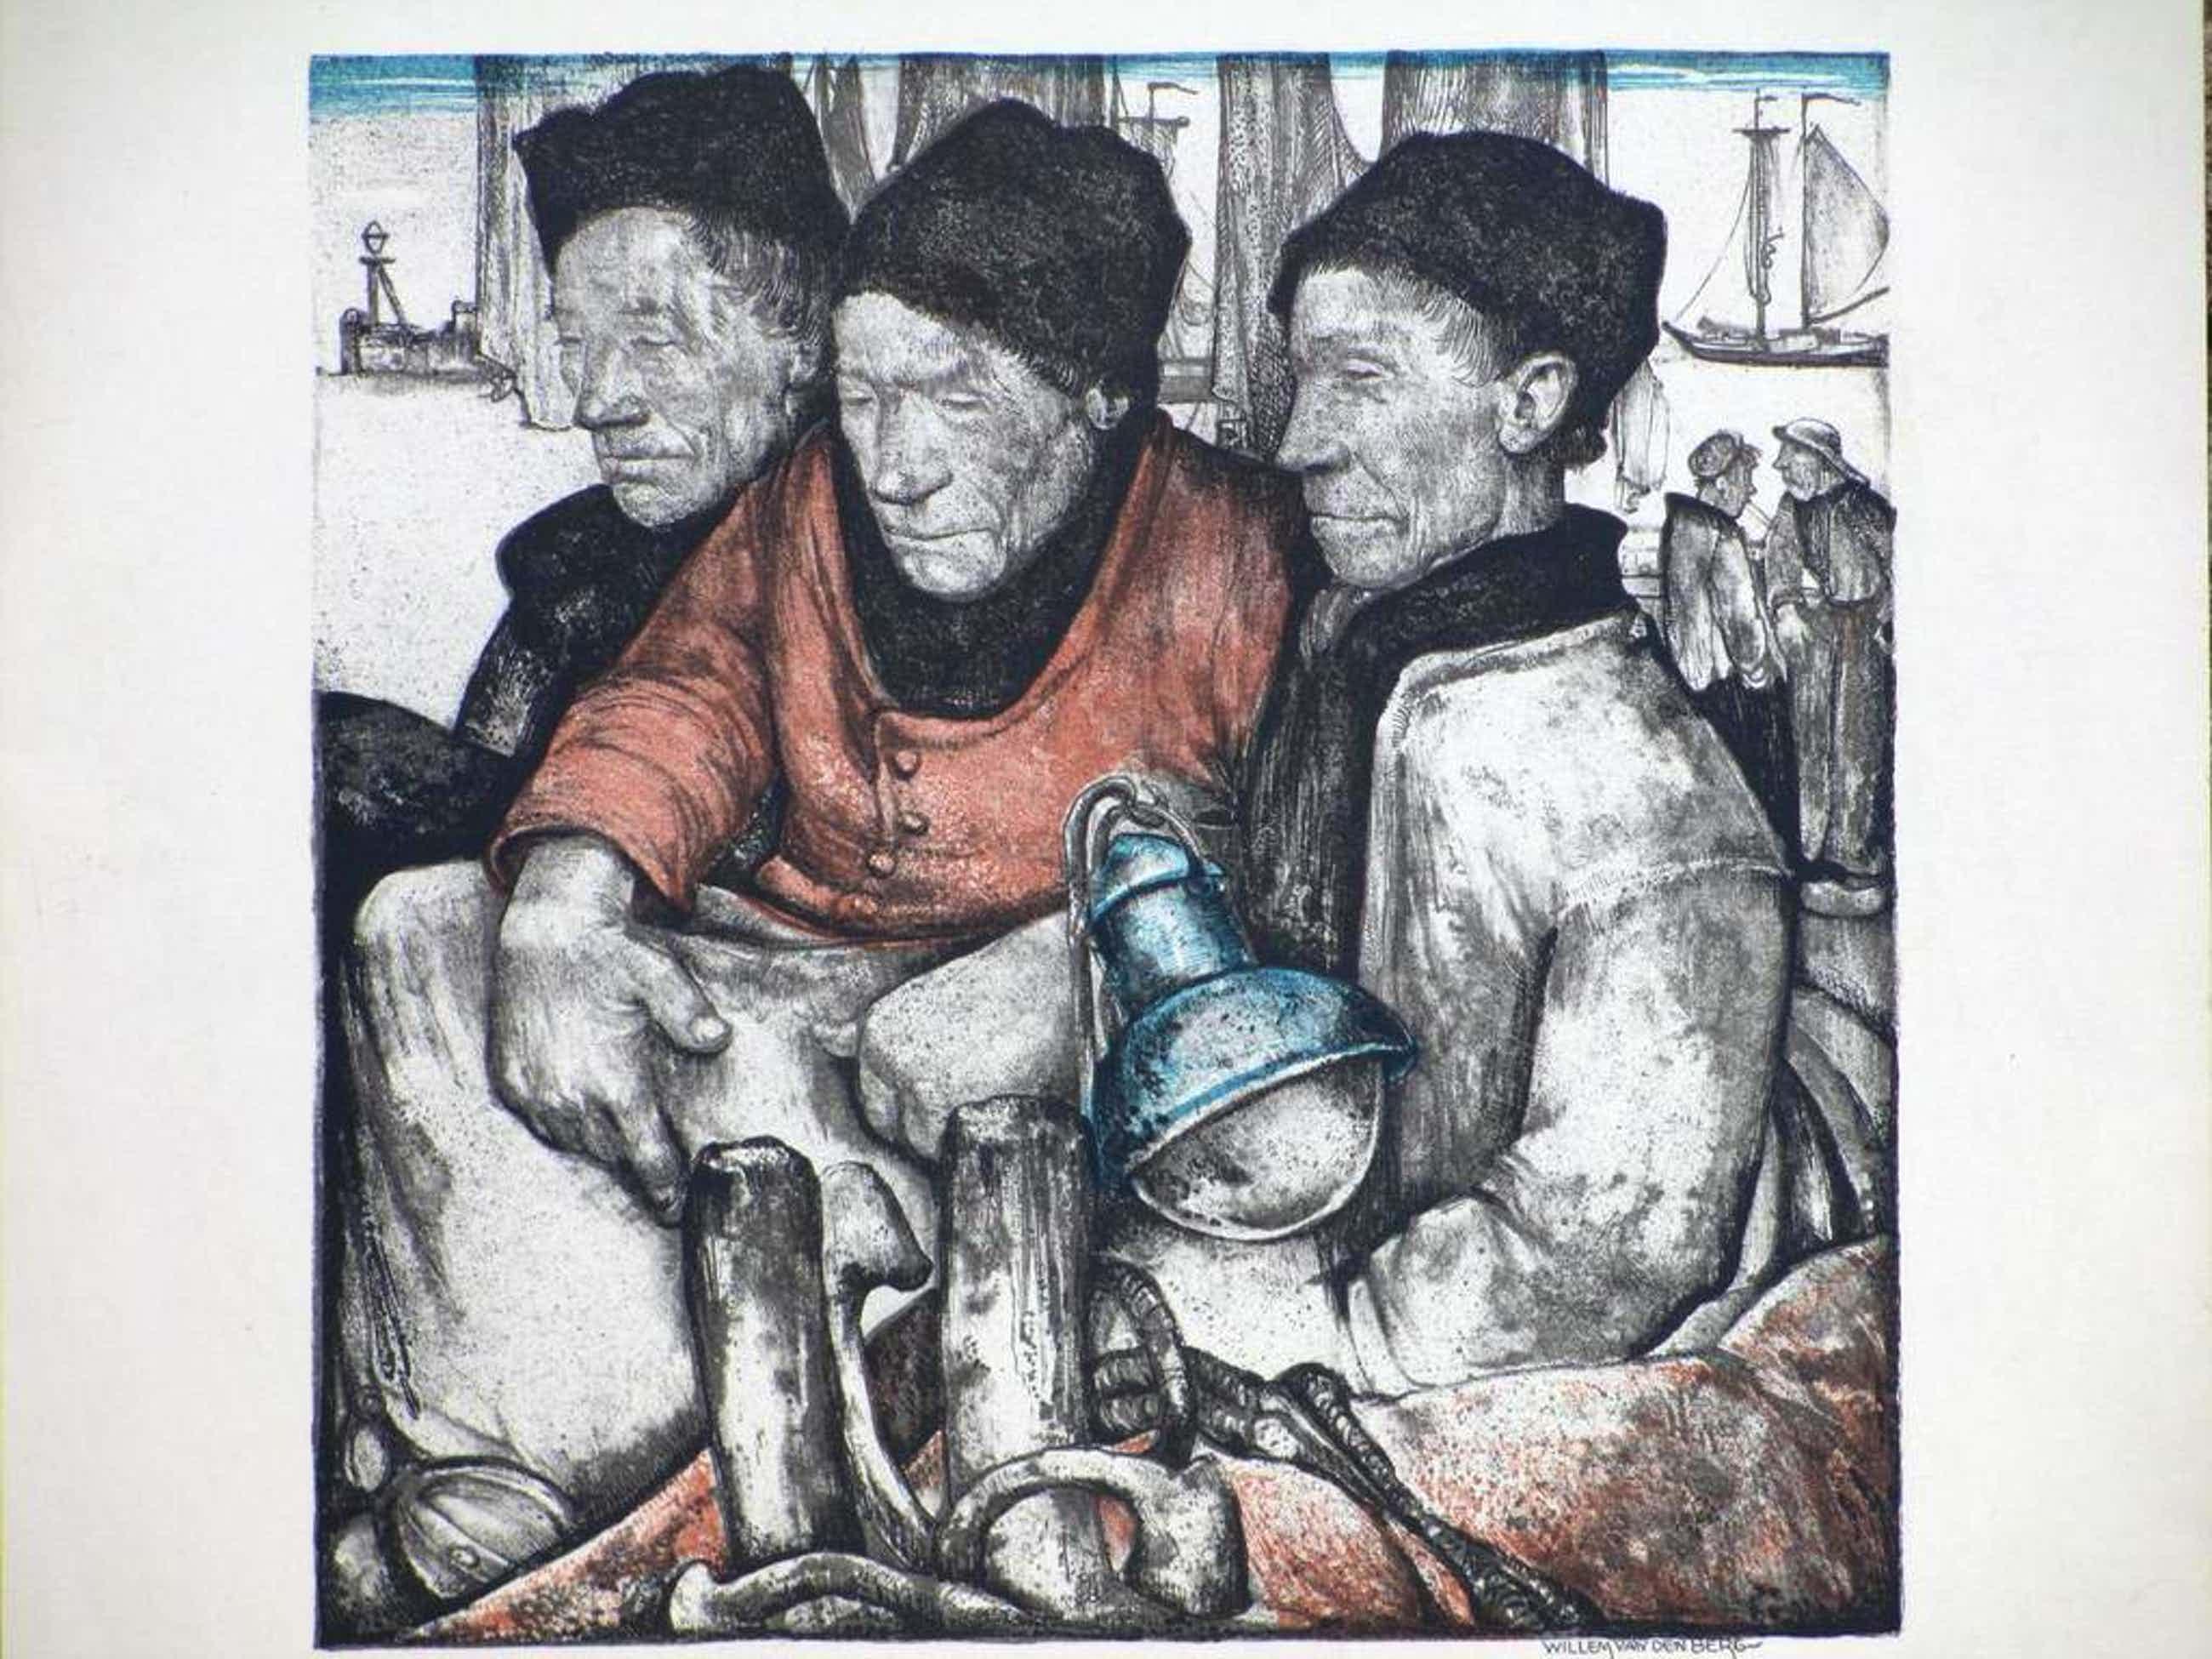 Willem van den Berg, Vissers in klederdracht, Kleurlitho kopen? Bied vanaf 50!